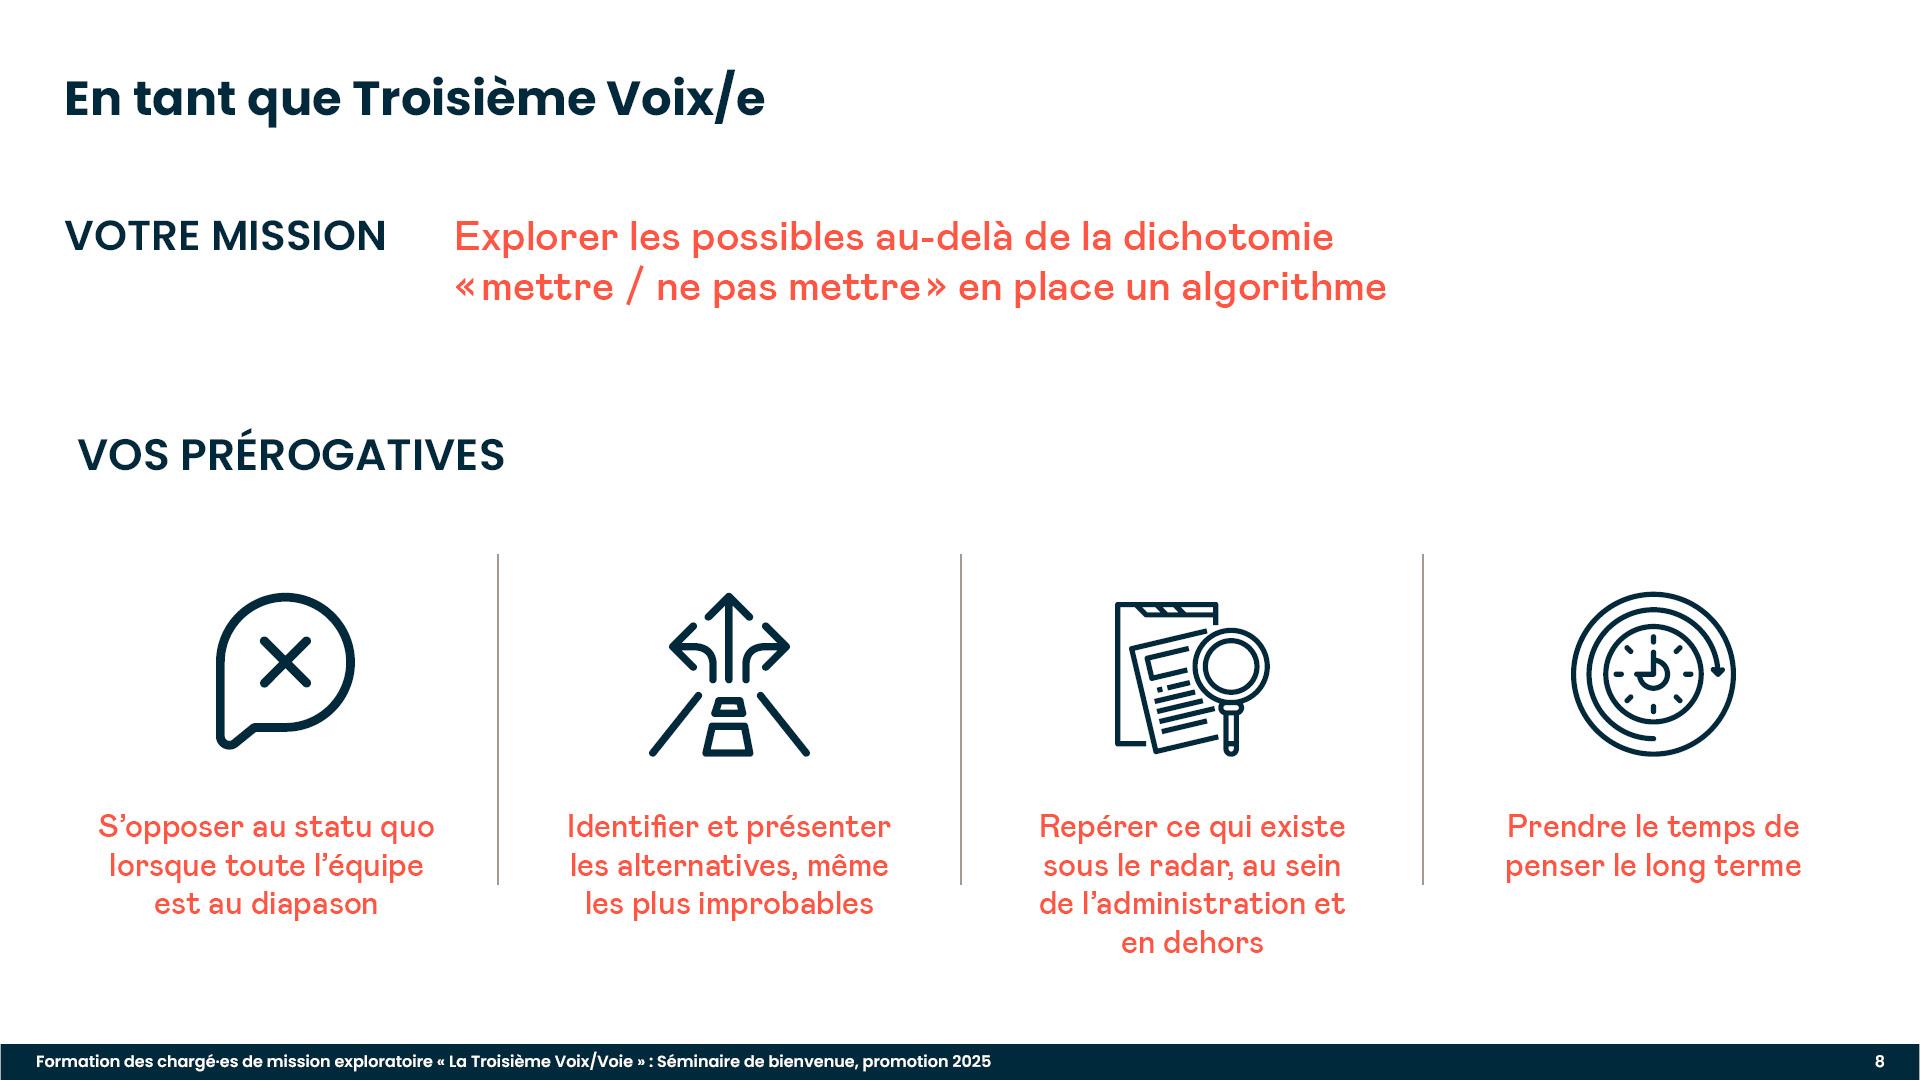 Diaporama de formation : présentation de la mission des Troisièmes Voix/es